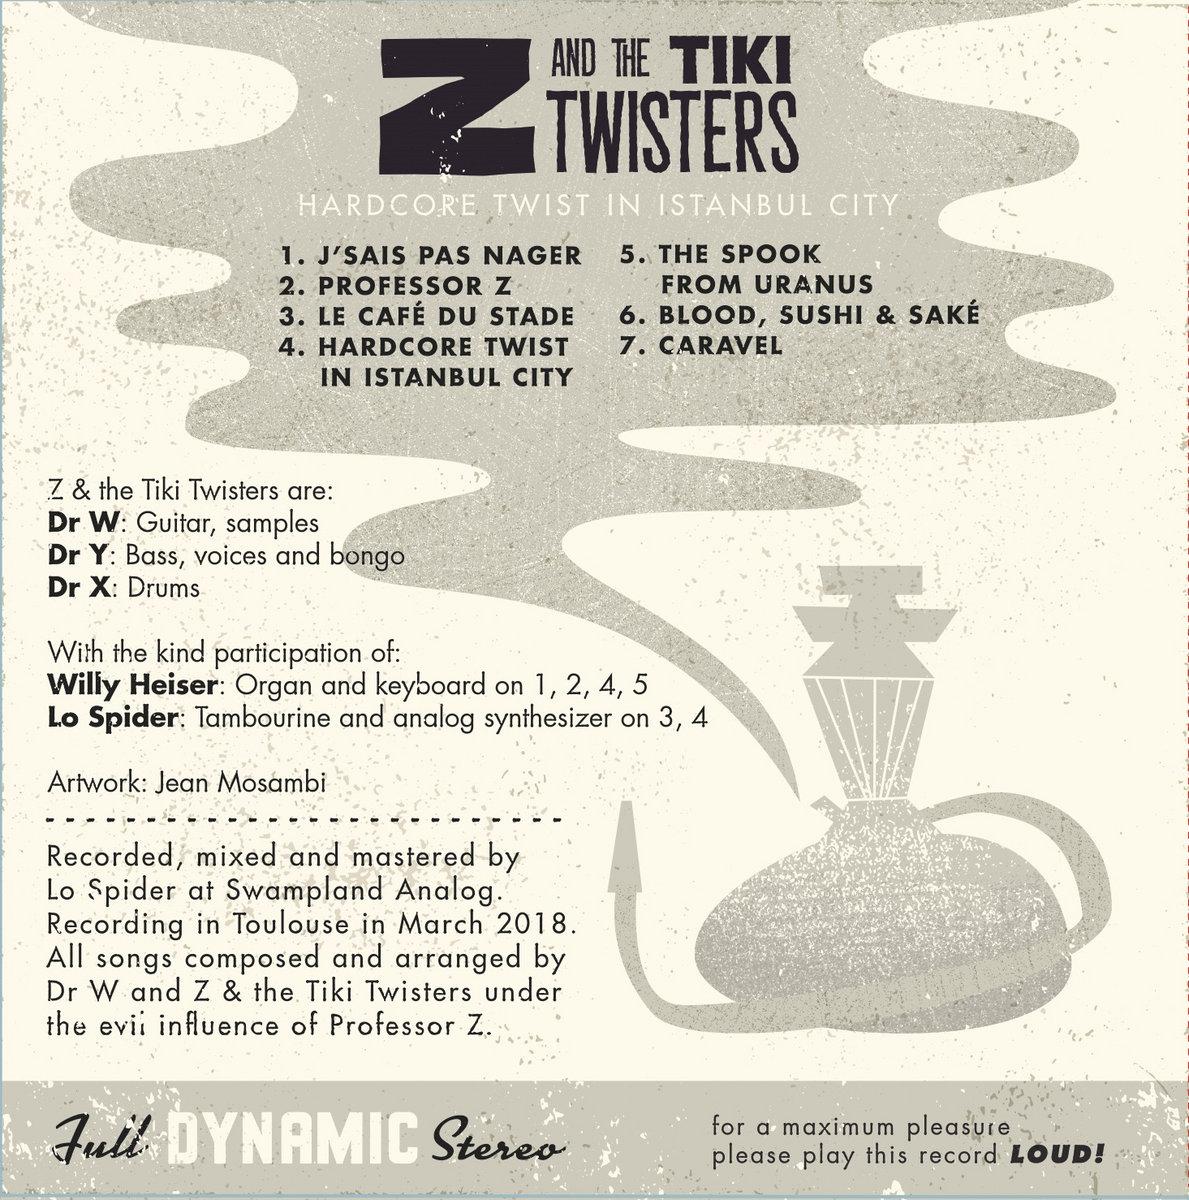 Z & the Tiki Twisters